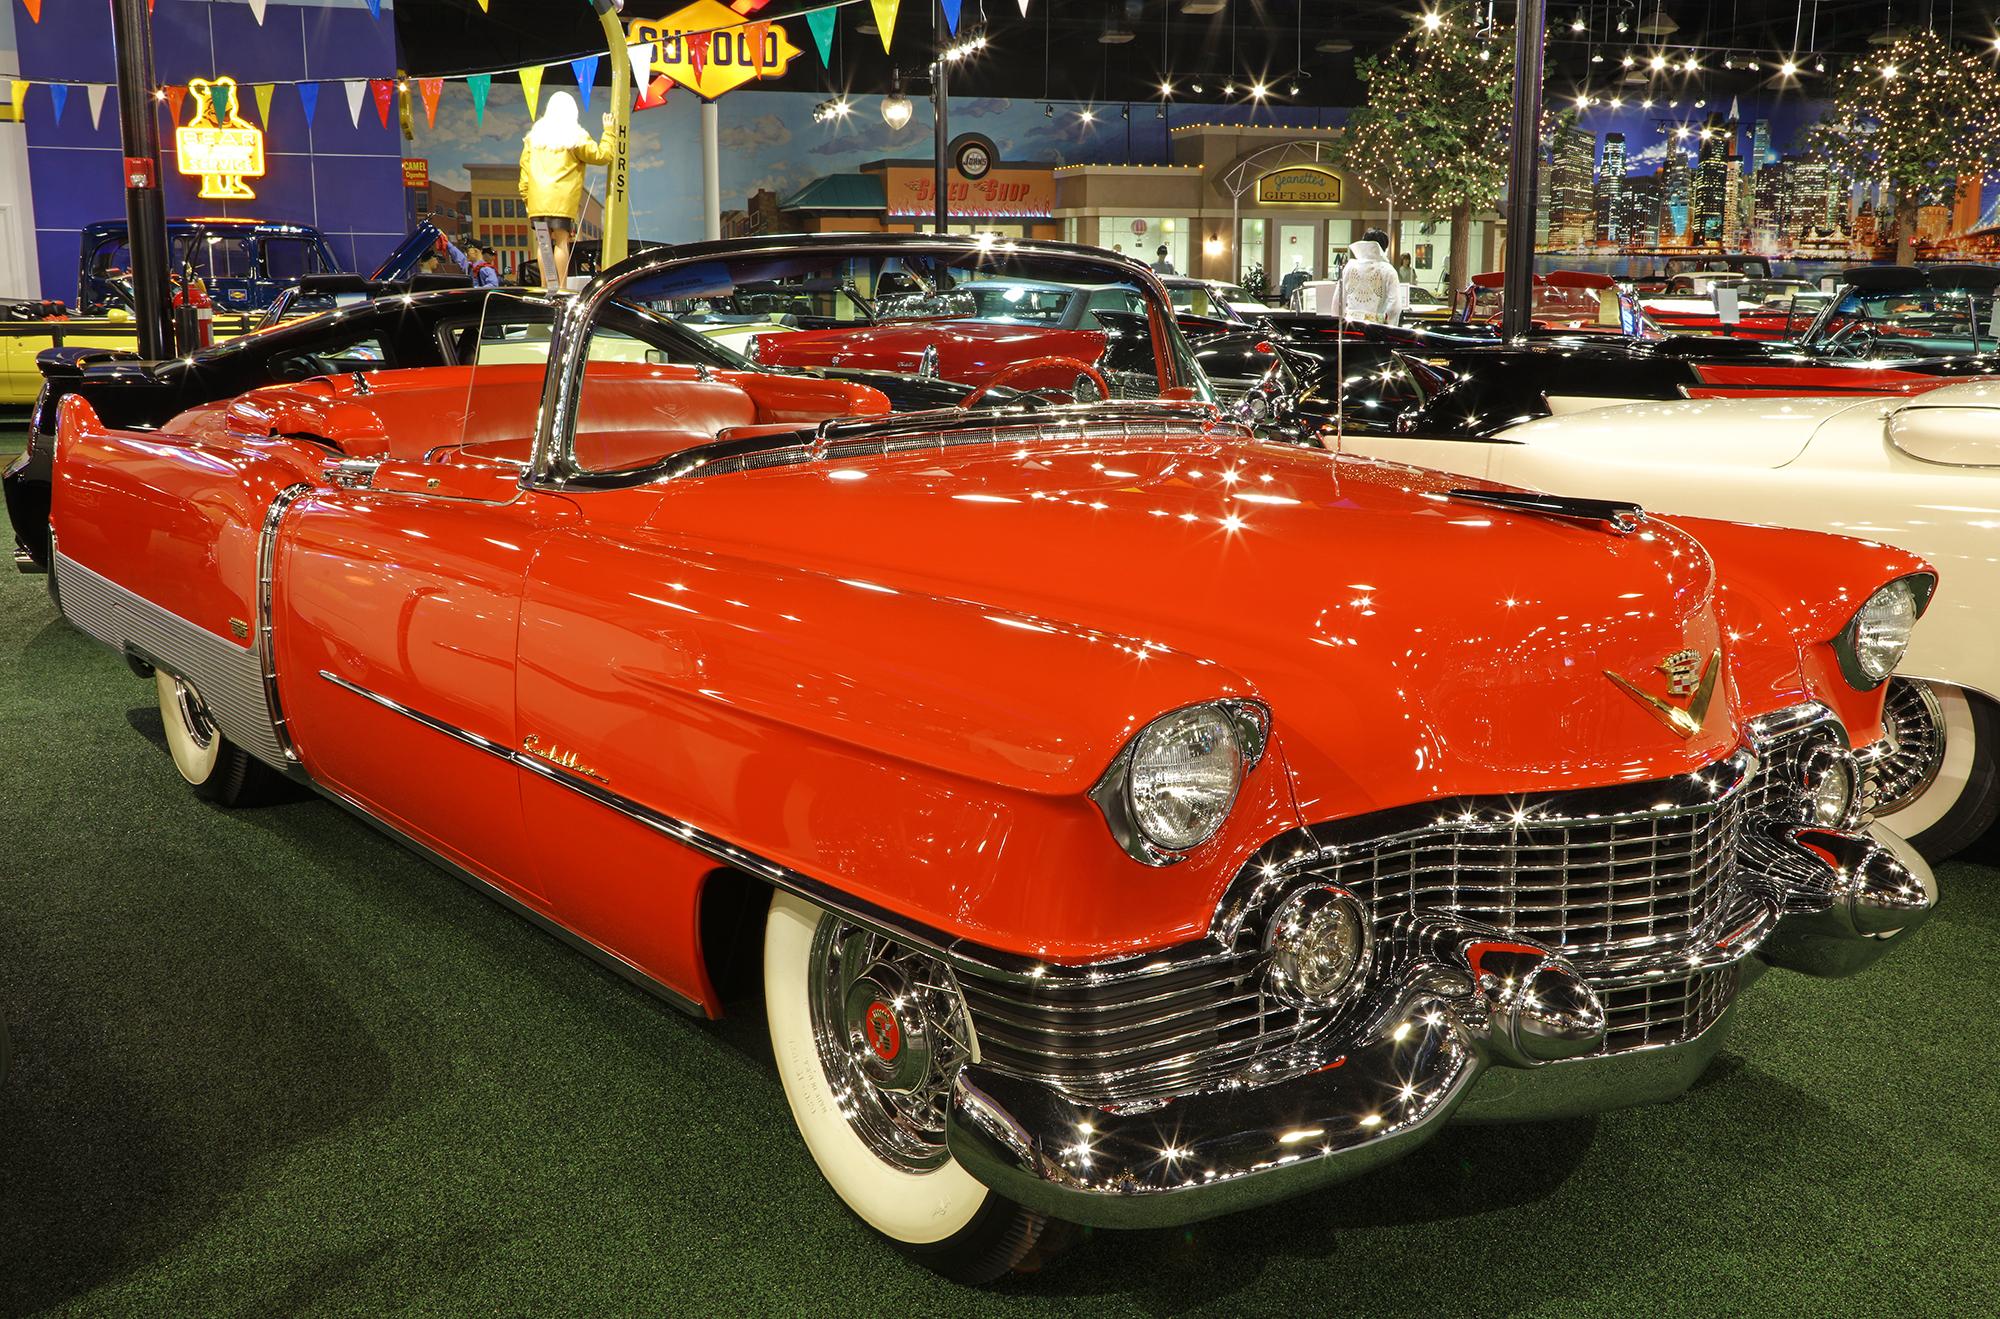 1954 Cadillac Eldorado Convertible Welcome To Cars Of Dreams Museum 1951 Fleetwood 60 Special